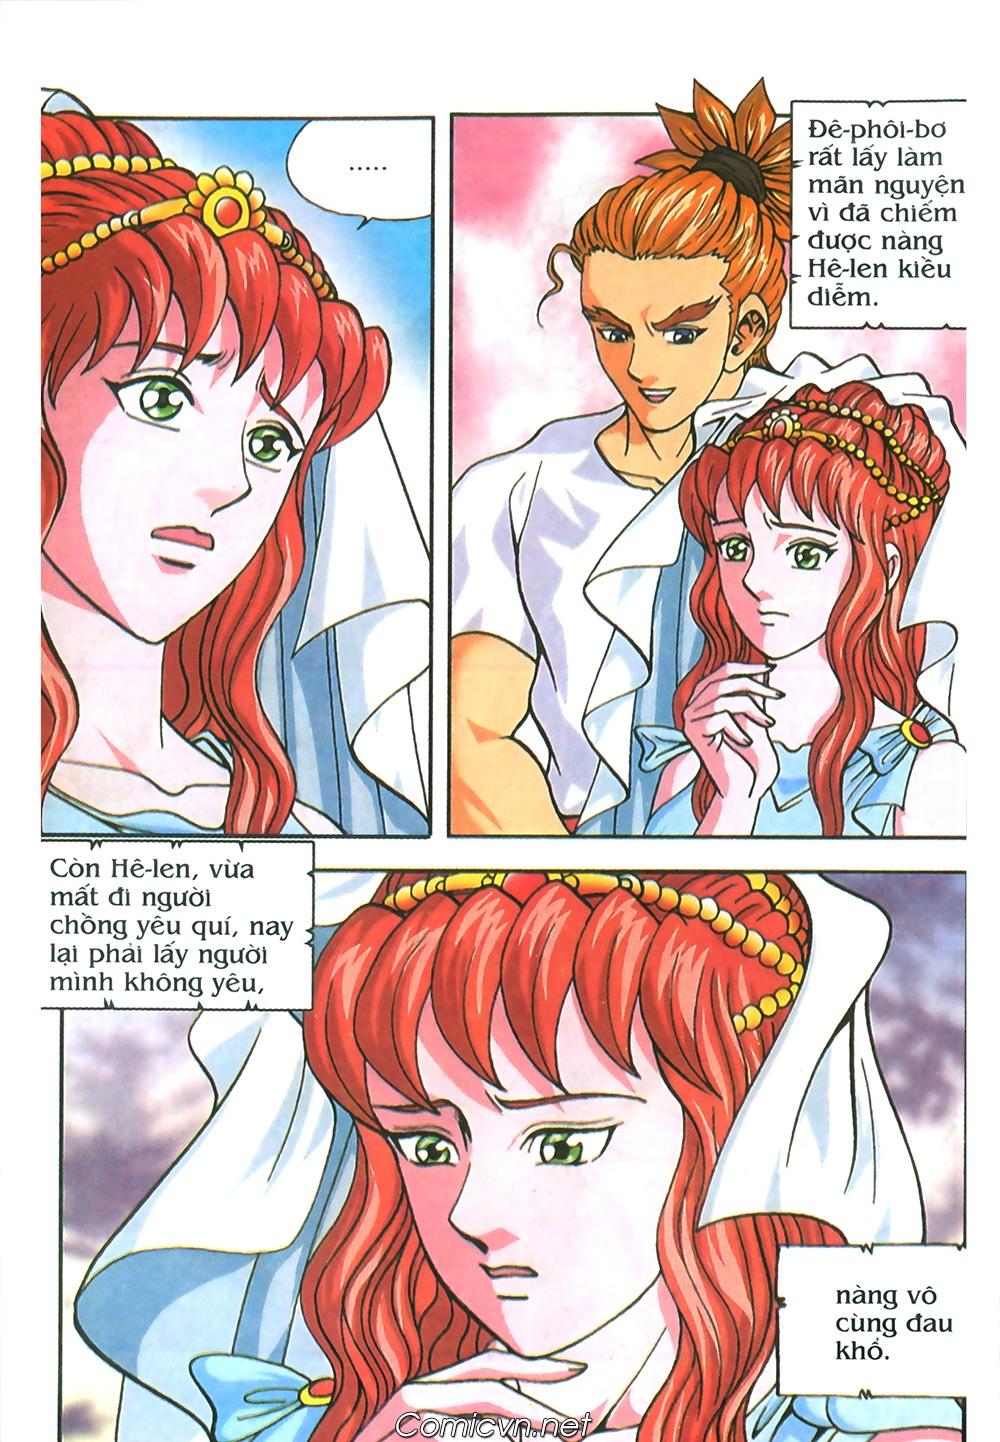 Thần Thoại Hy Lạp Màu - Chapter 67: Nỗi buồn của nàng Helen - Pic 22